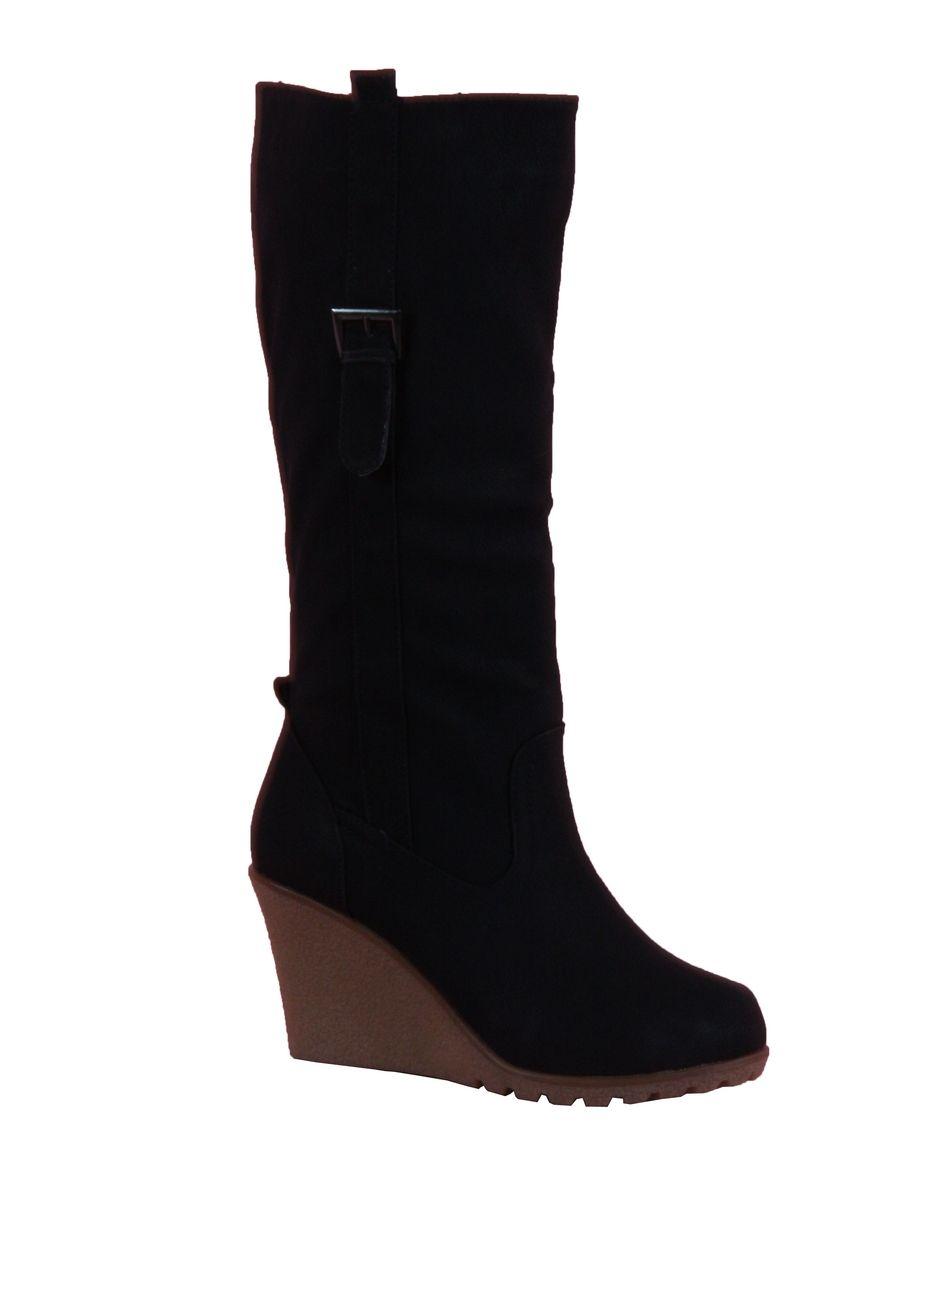 2ee0a3dde5718 Chaussure Femme Pas Cher Botte Compensée Fourrée Noire Cy009